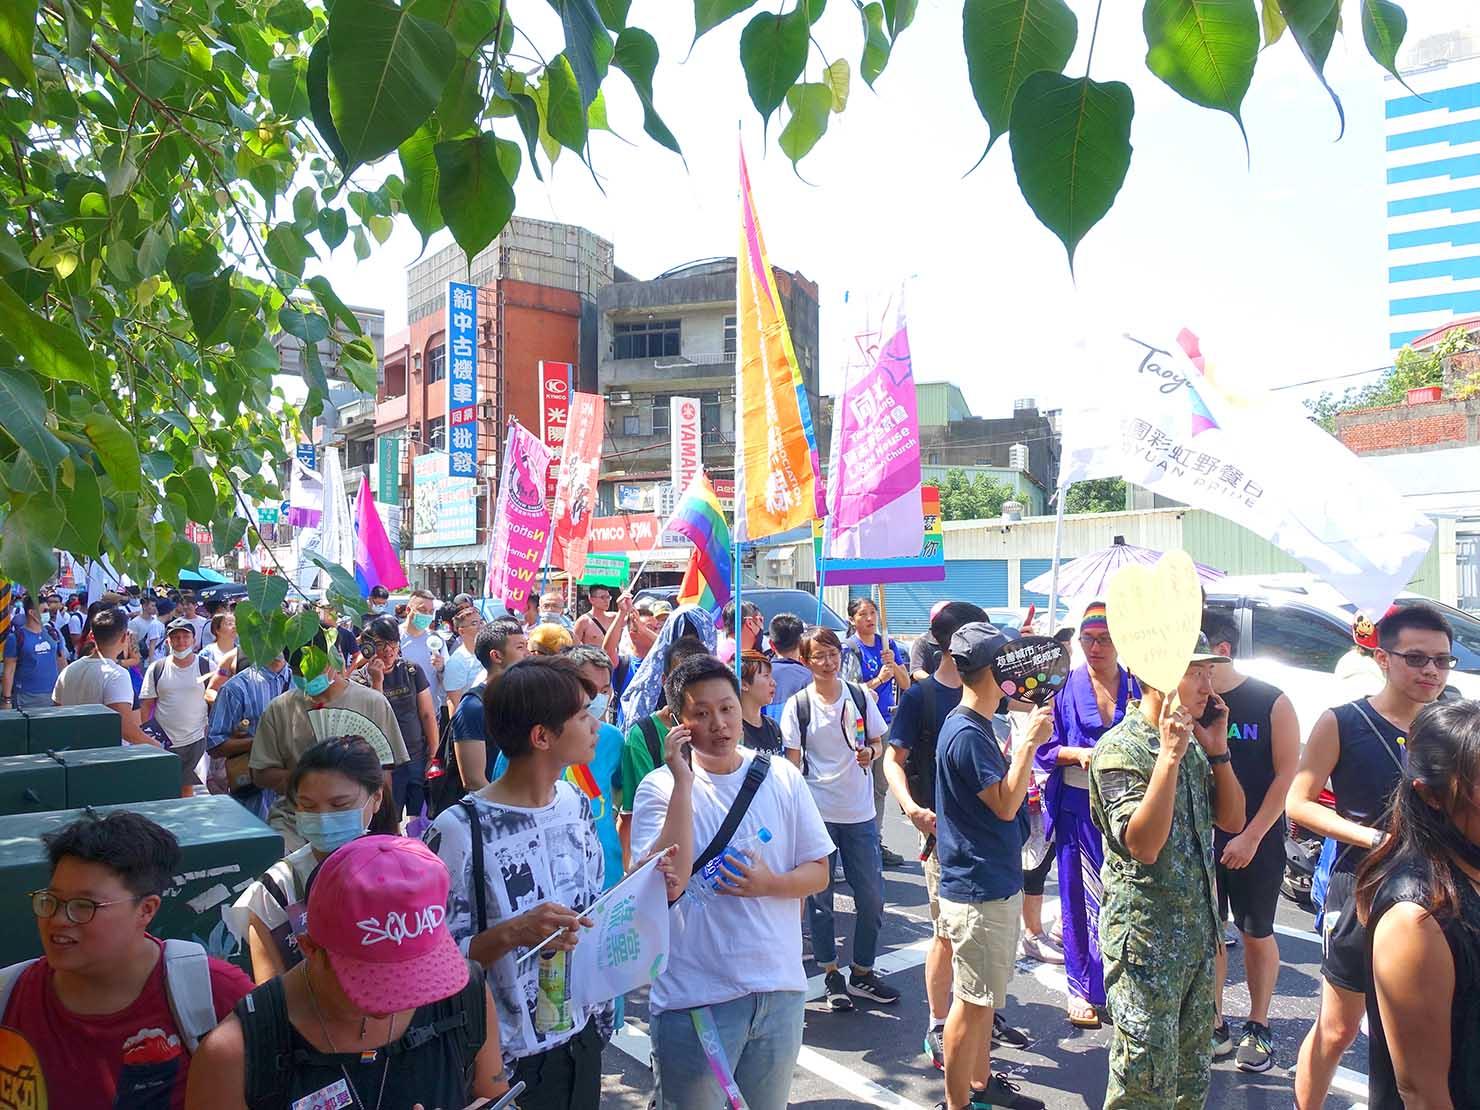 台湾・桃園のLGBTプライド「桃園彩虹野餐日」2020のパレード隊列中盤